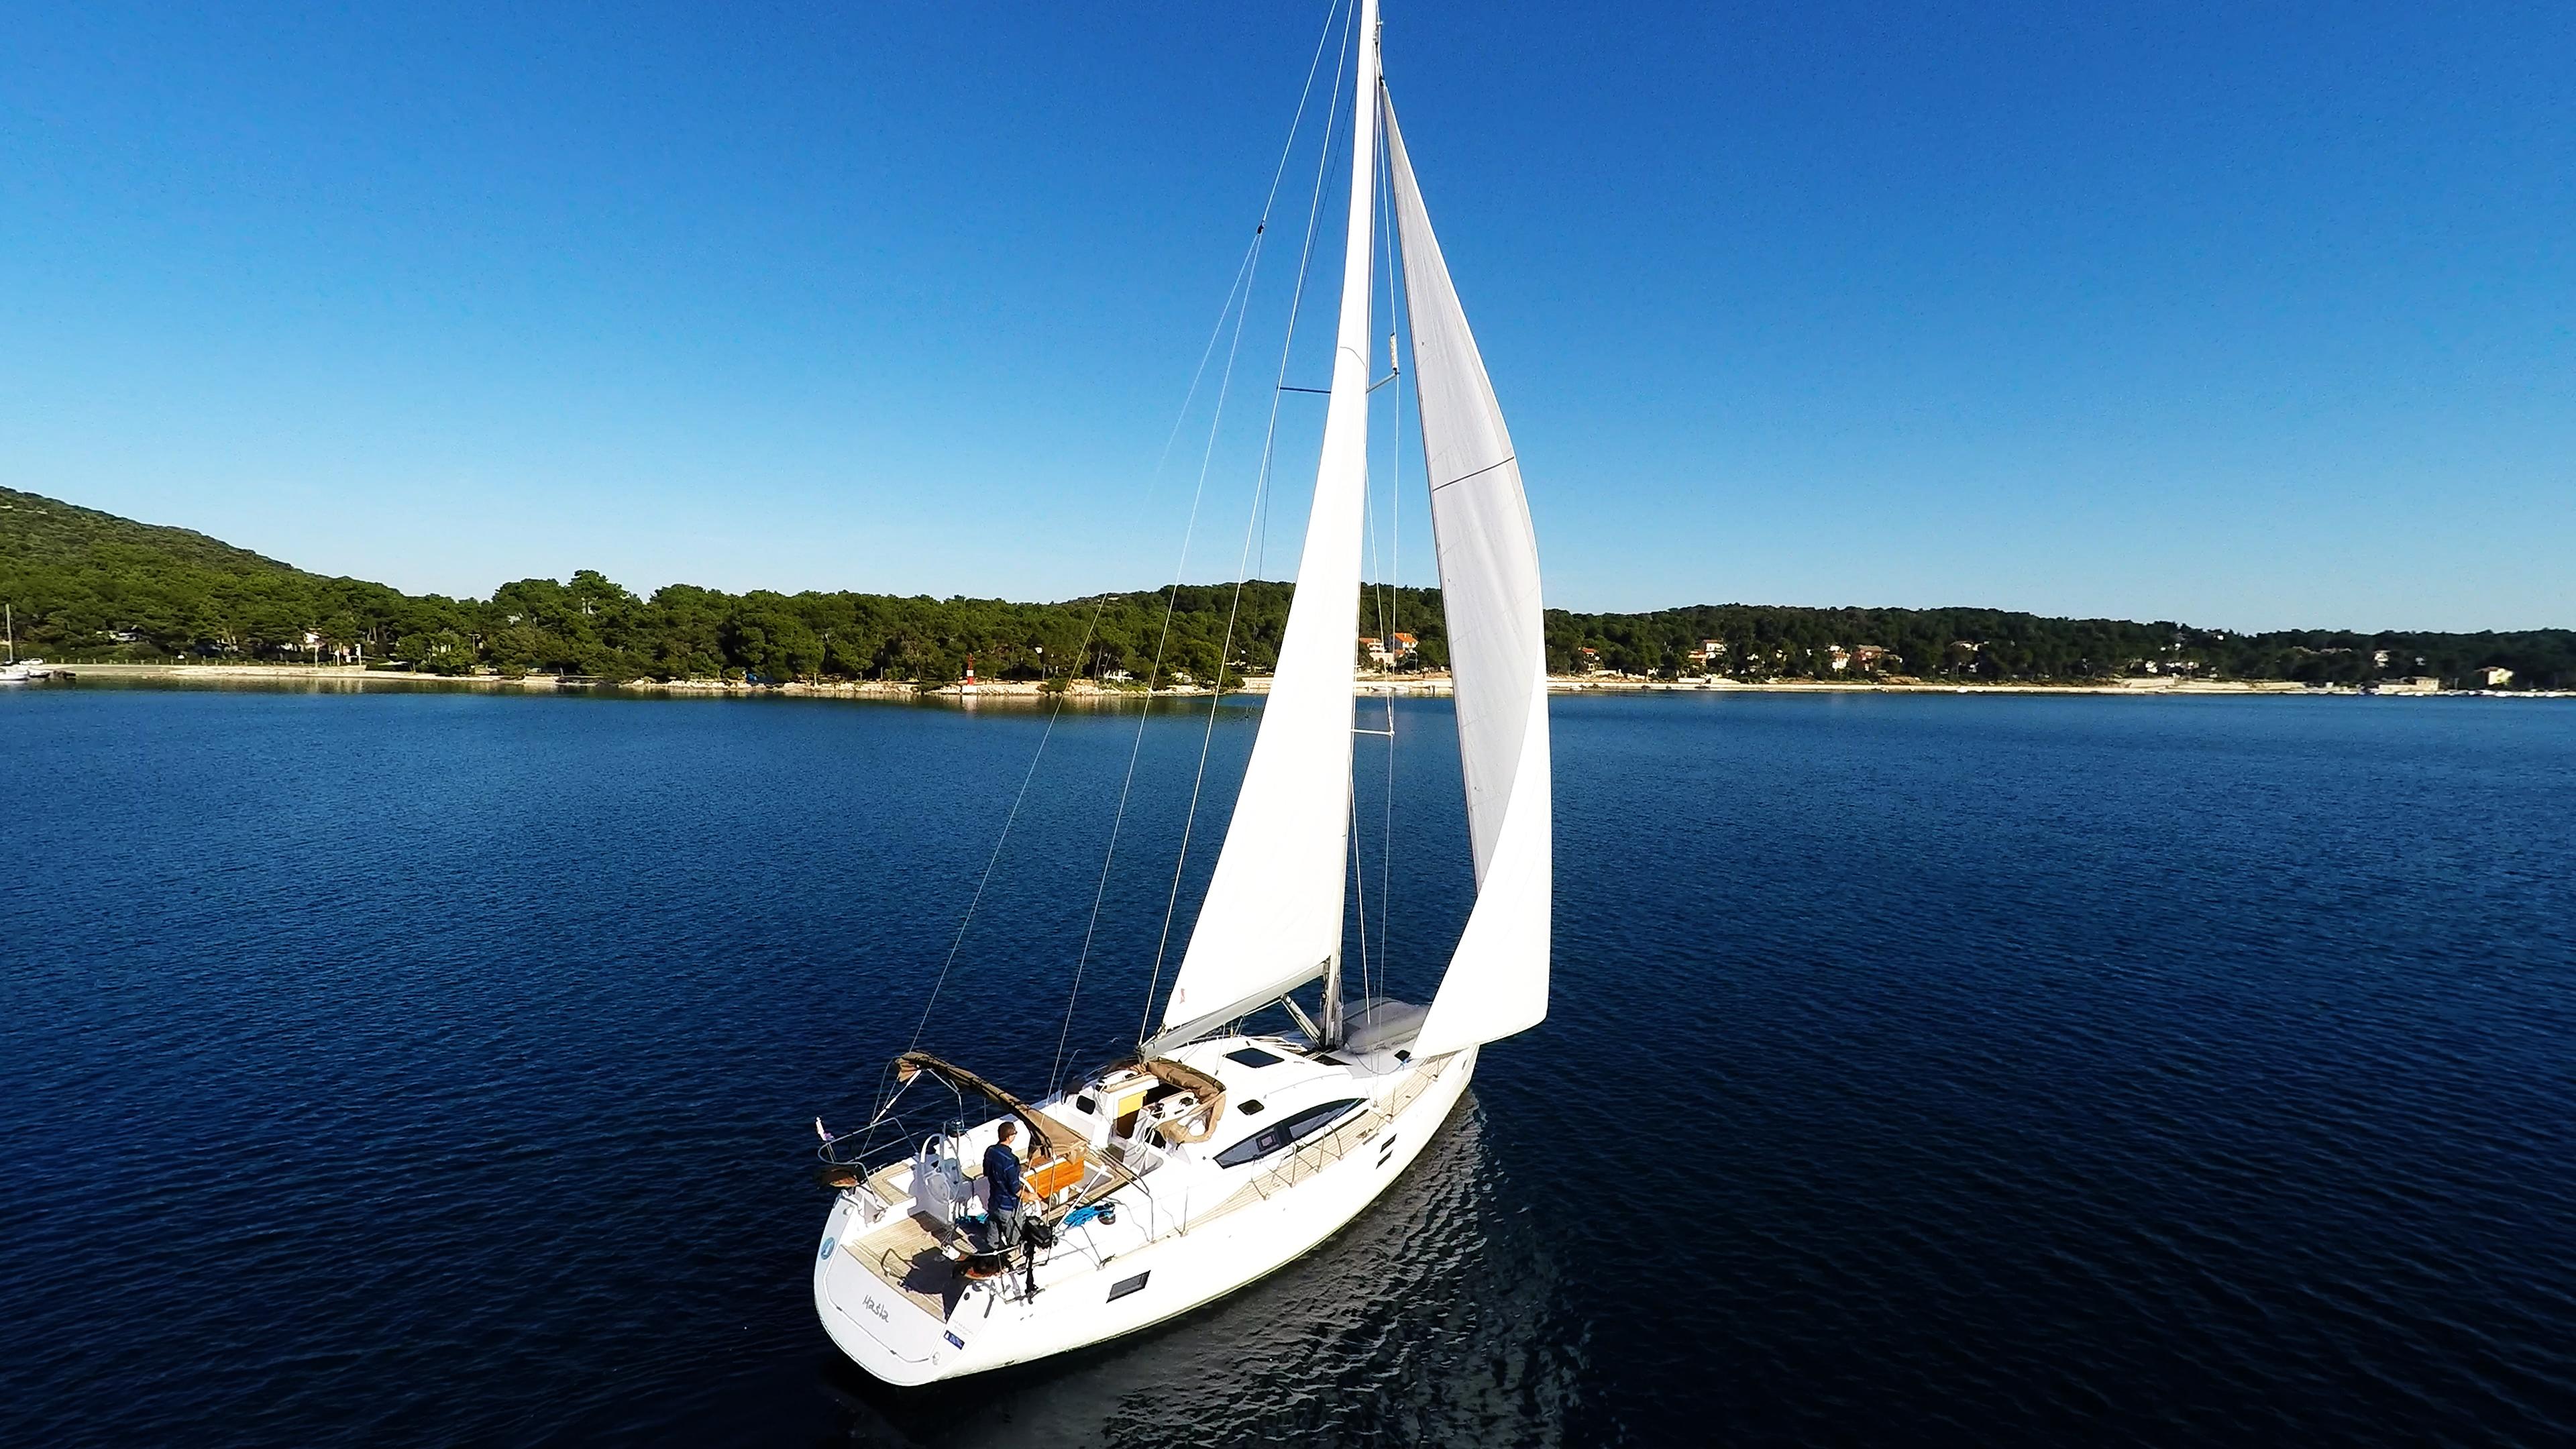 barcha a vela yacht a vela elan 45 impression vela cielo blu barca a vela